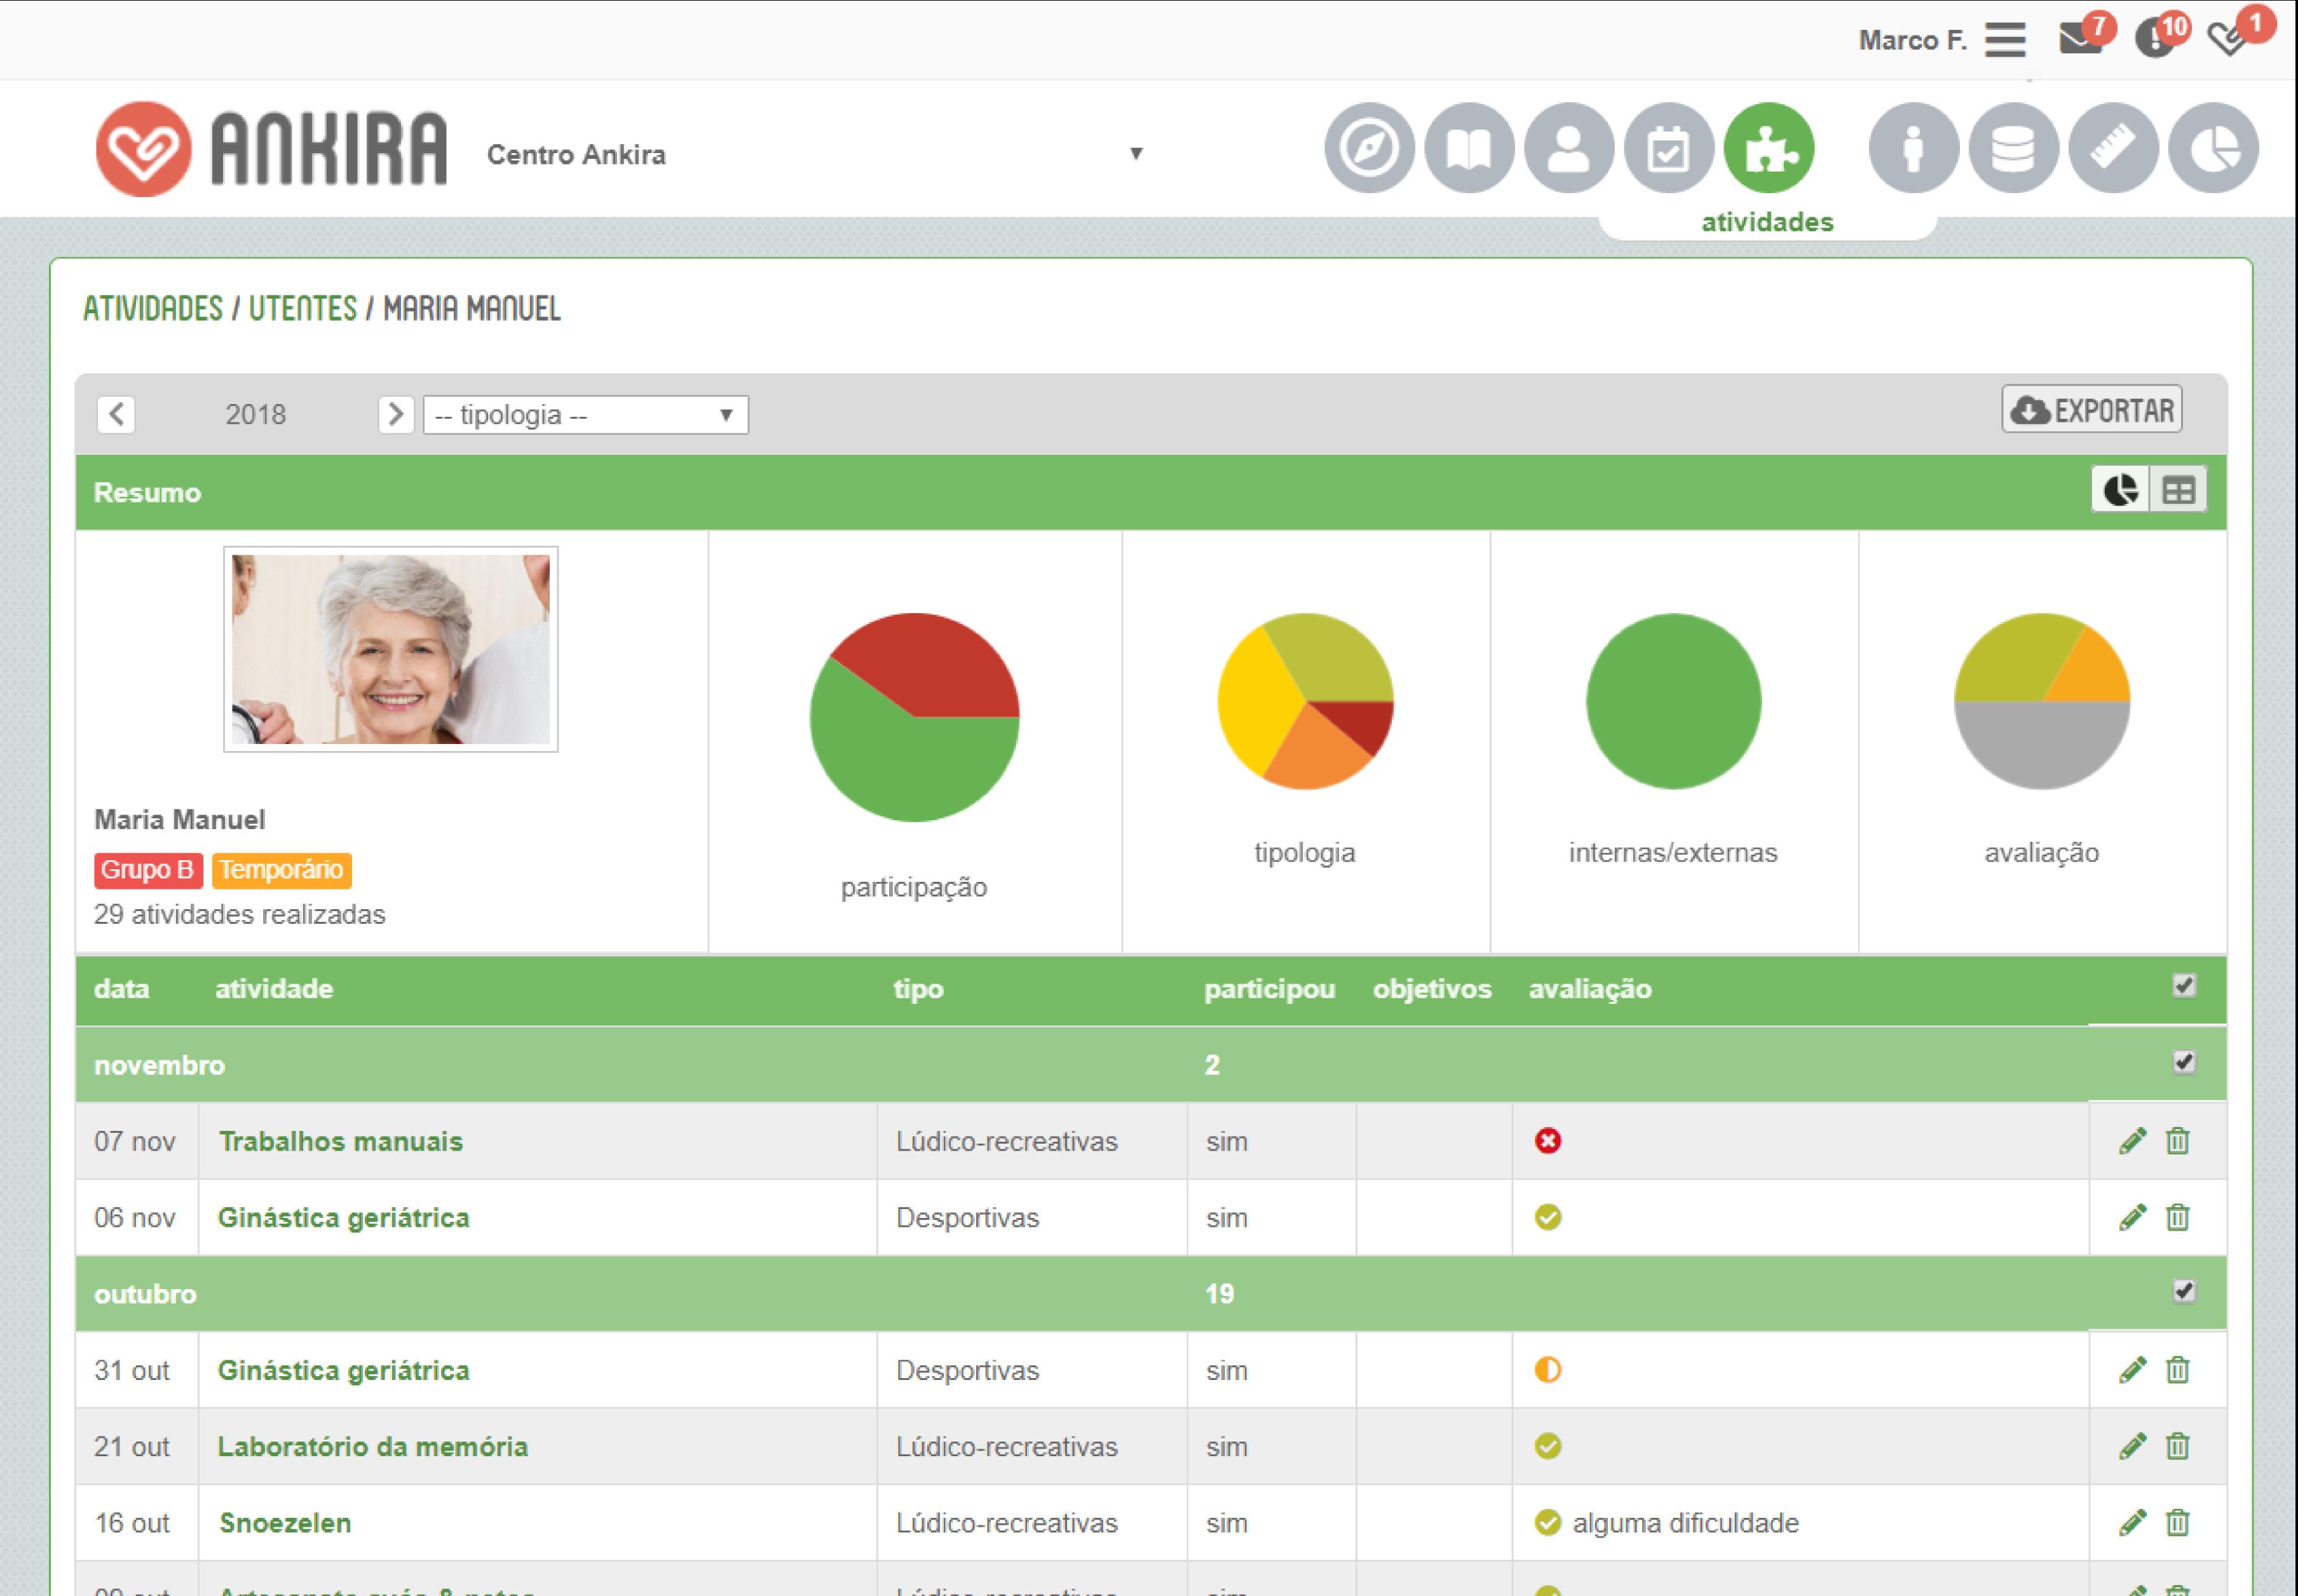 Ecrã com relatório individual das atividades no Ankira